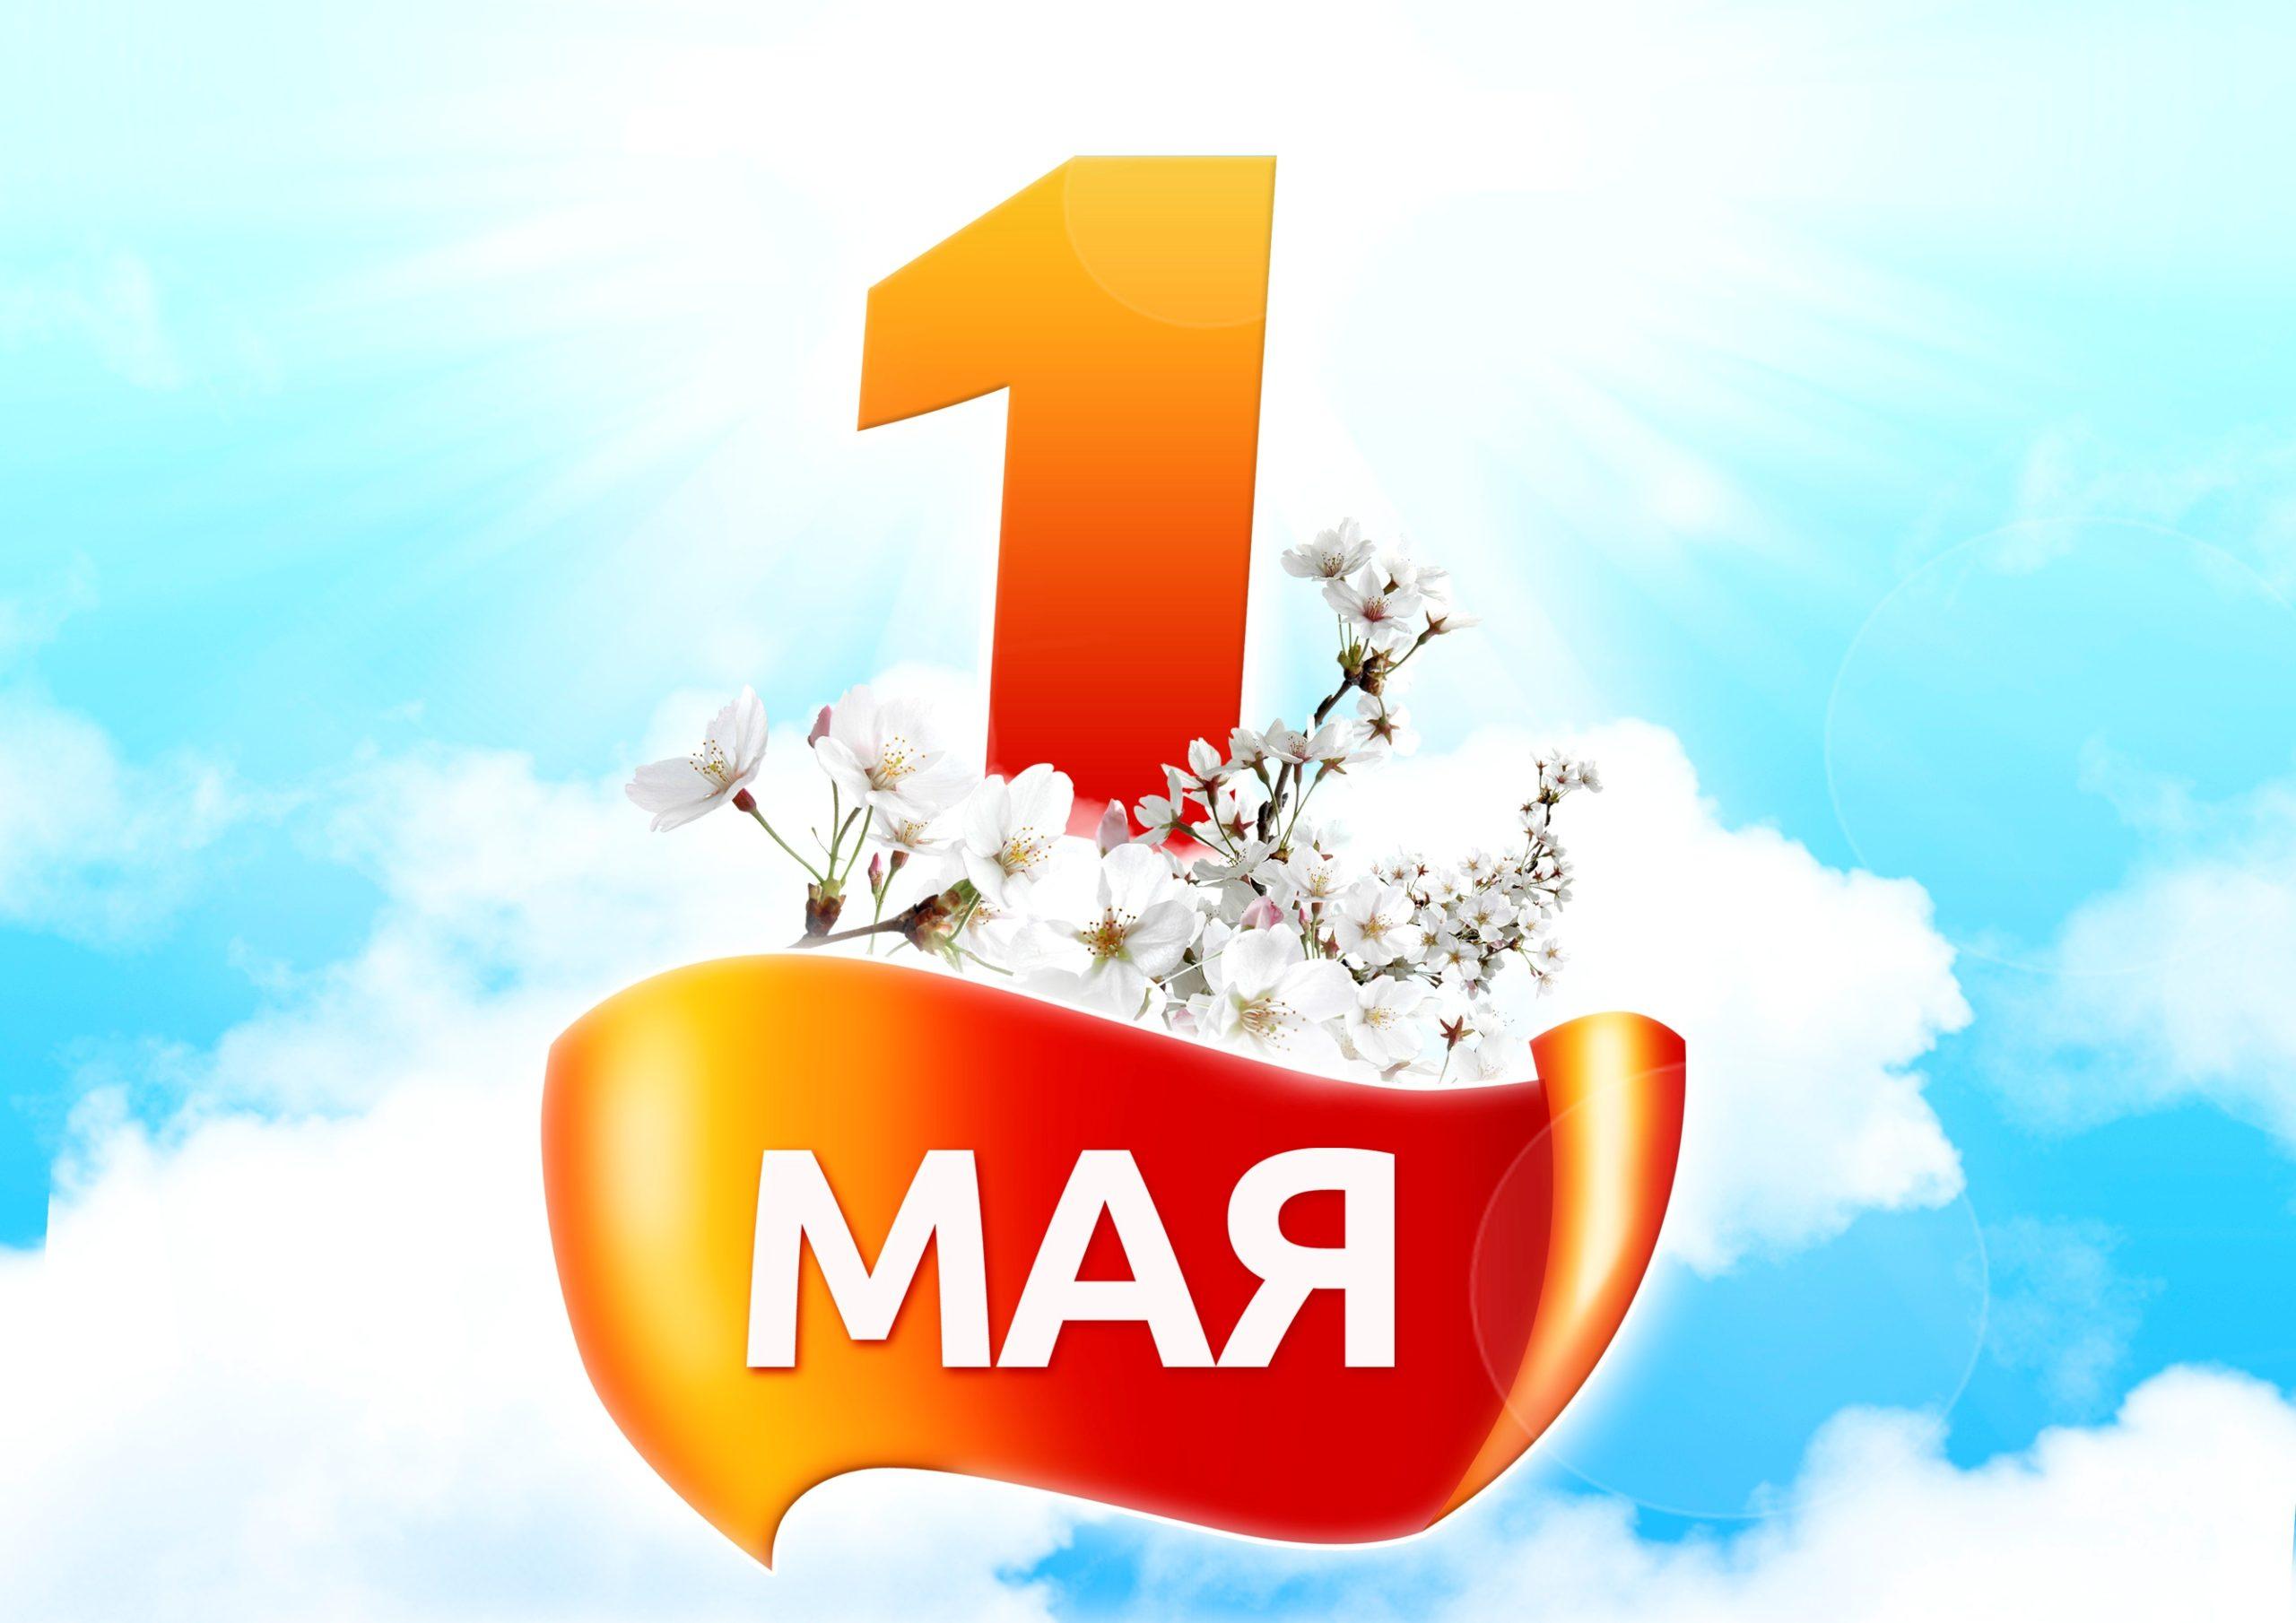 1-maya-prazdnik-vesny-i-truda-www-ural-org-scaled.jpg